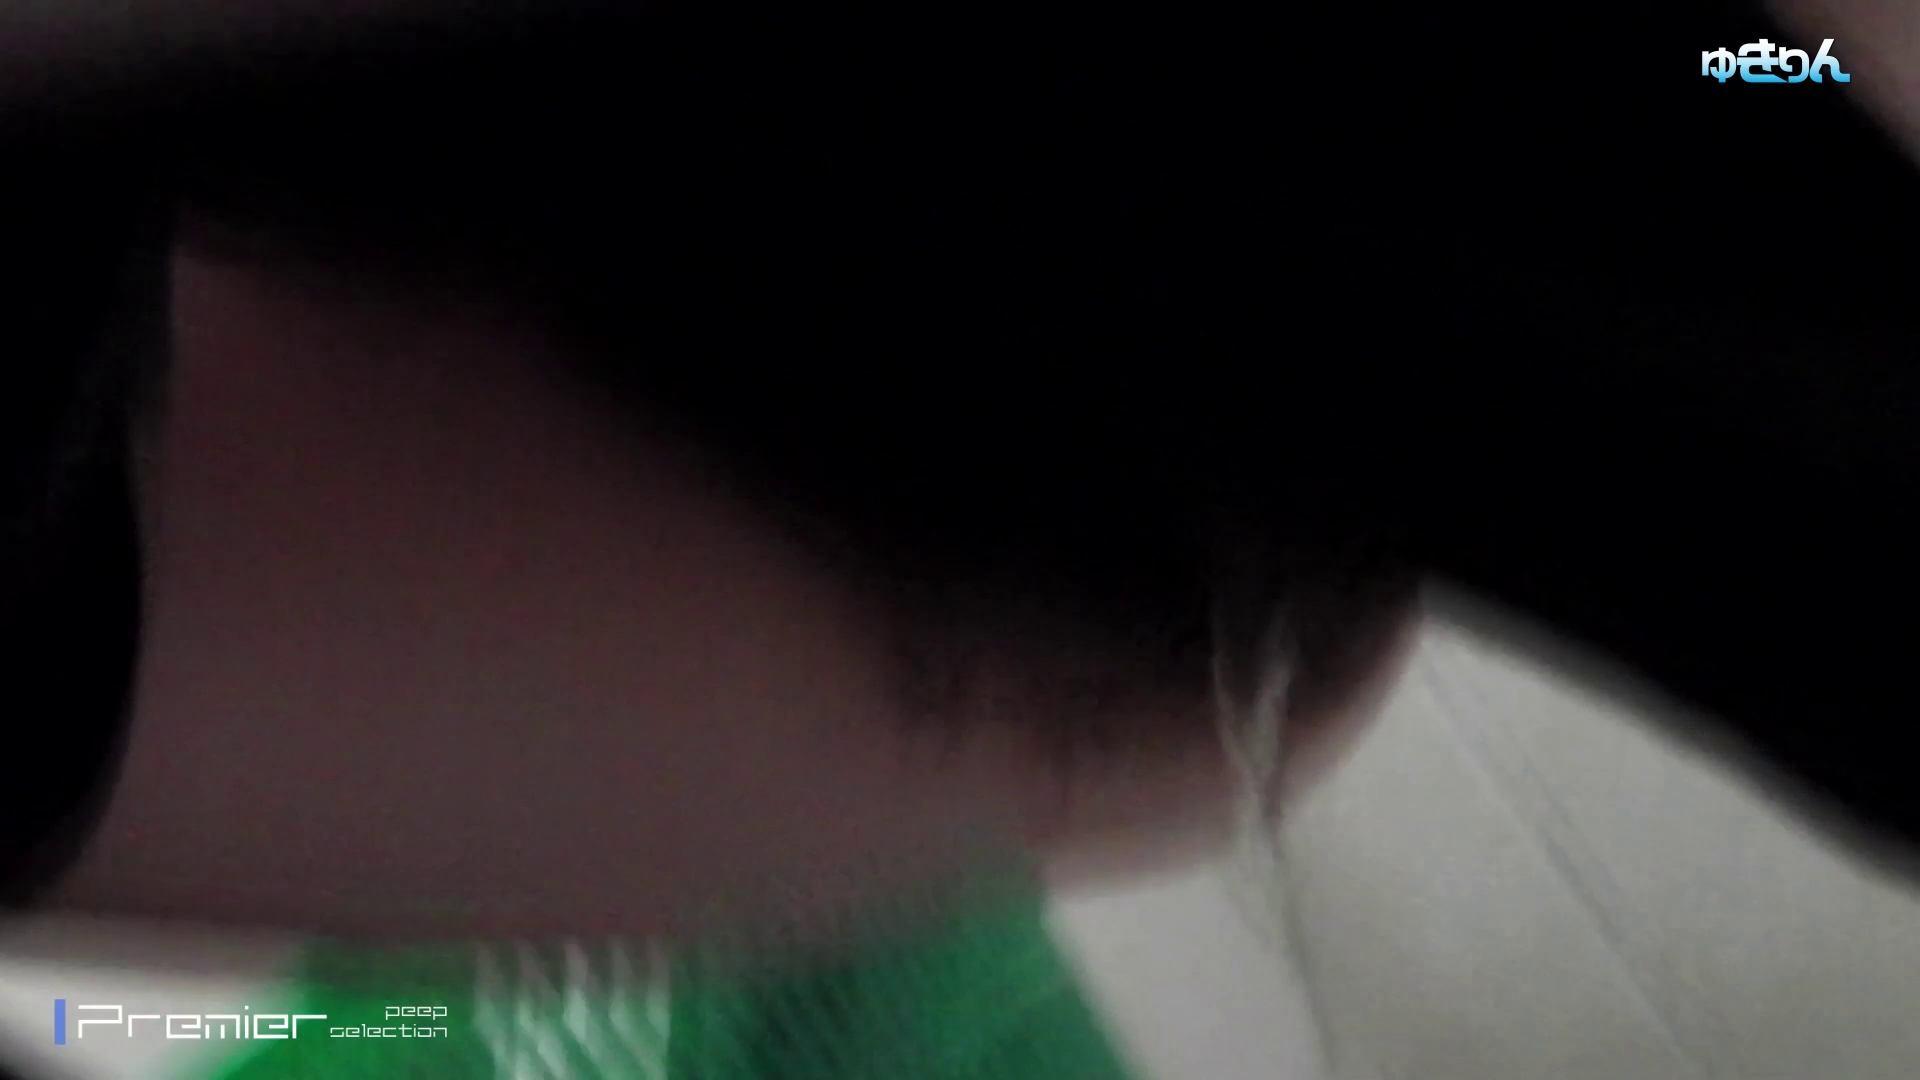 ステーション編 vol60 ユキリン粘着撮り!!今回はタイトなパンツが似合う美女 パンツ特集  82画像 80